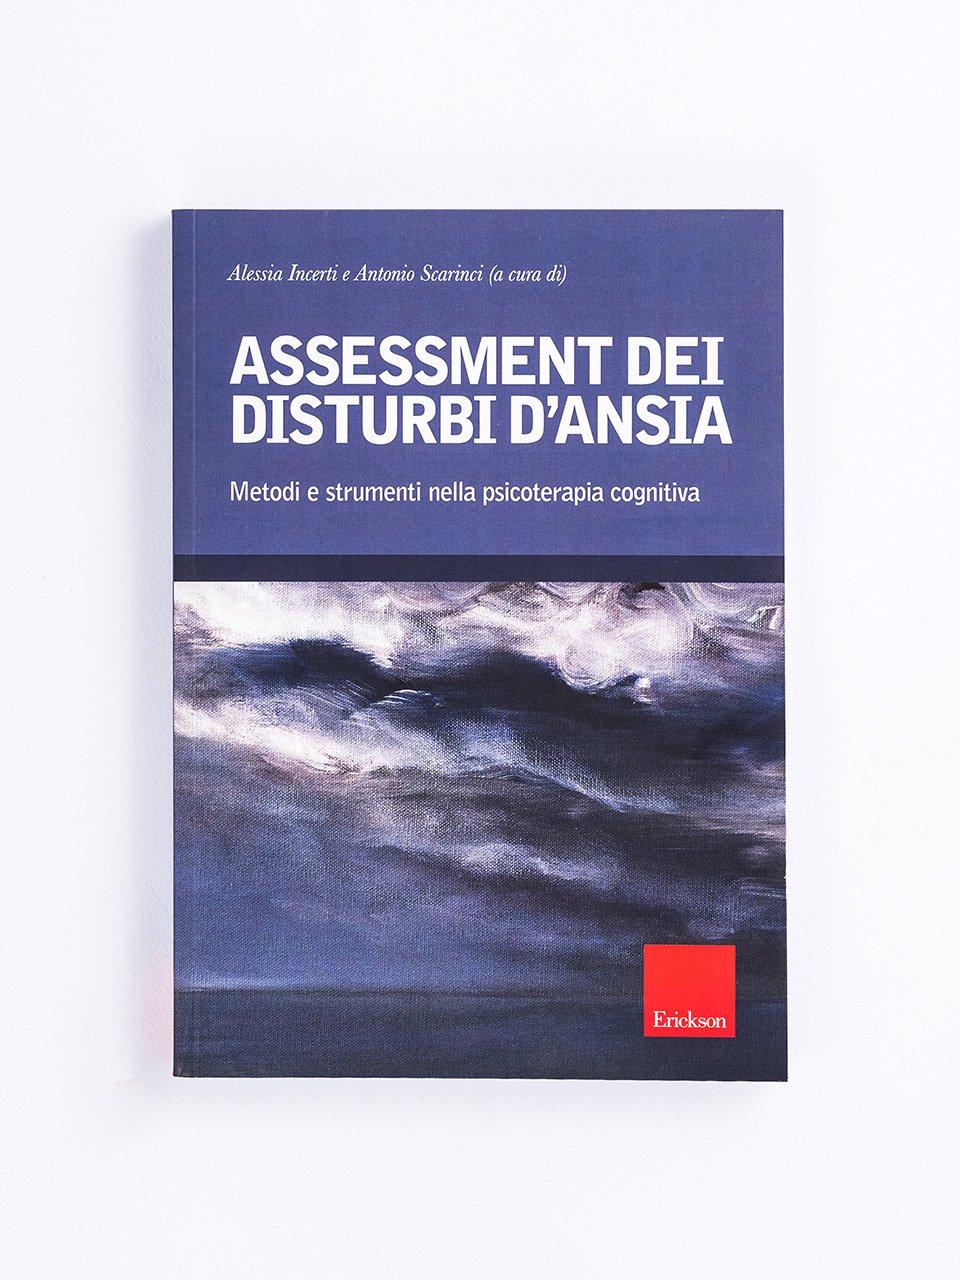 Assessment dei disturbi d'ansia - Il disturbo da accumulo e la sua valutazione - Libri - Erickson